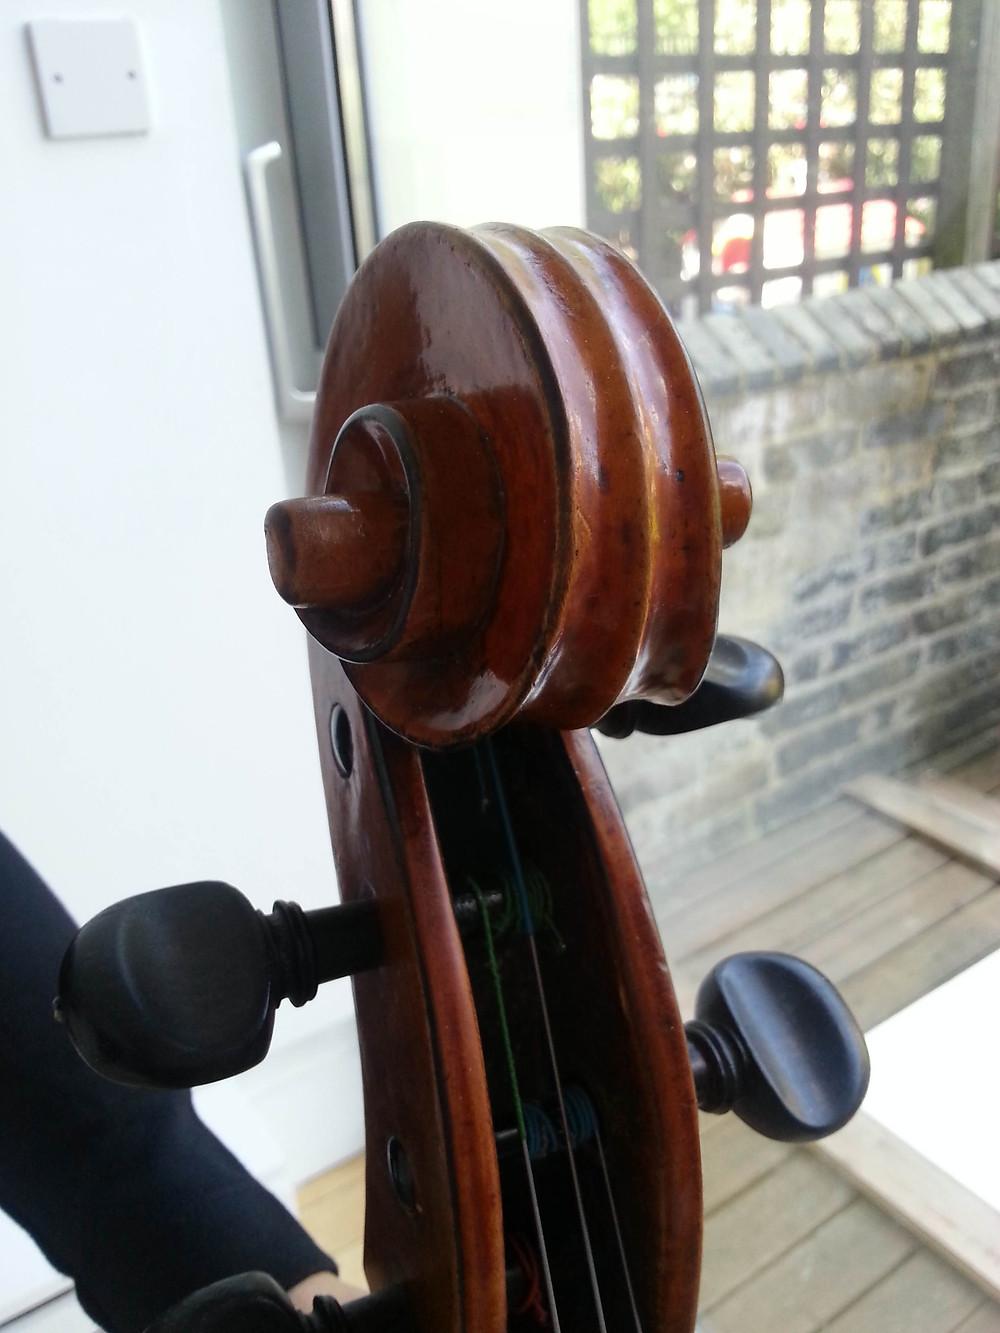 'Simpson' Guadagnini cello scroll